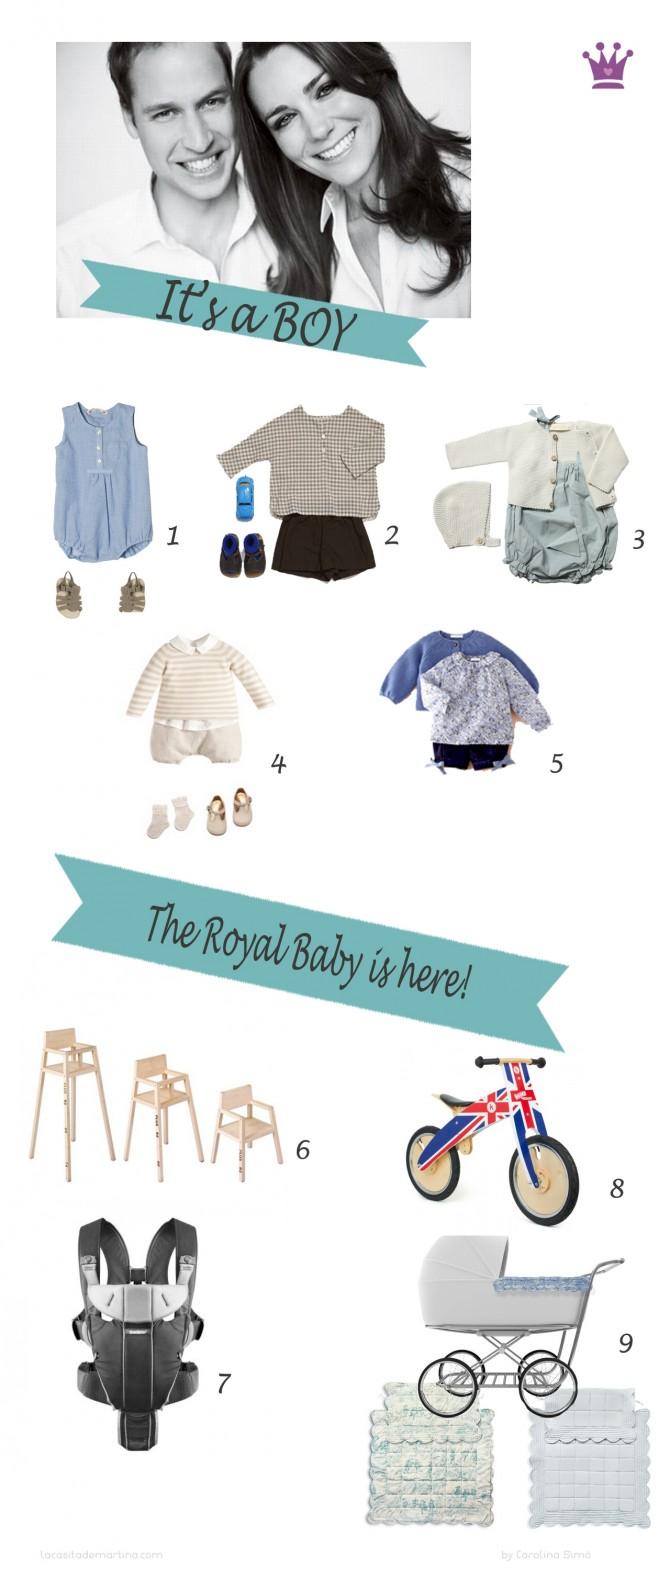 The royal baby, Duques de Cambridge, Guillermo y Kate, Blog de Moda Infantil, La casita de Martina